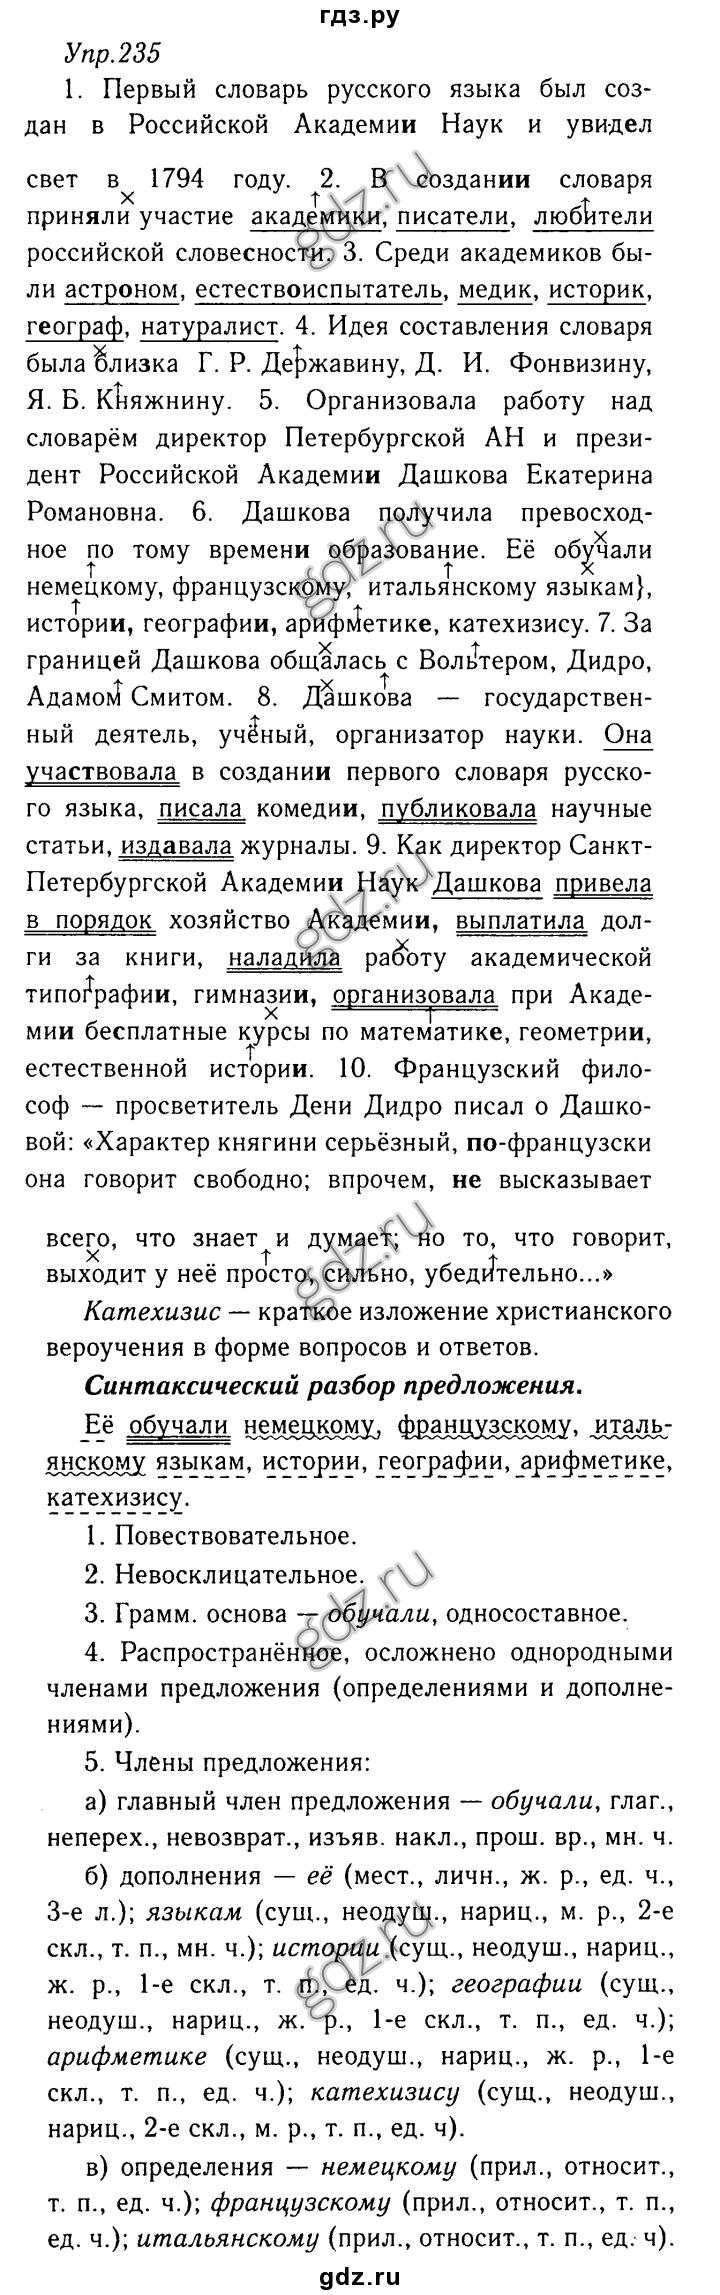 Гдз по русском языку 8 класс быкова бесплатно без скачивания и без регистрации